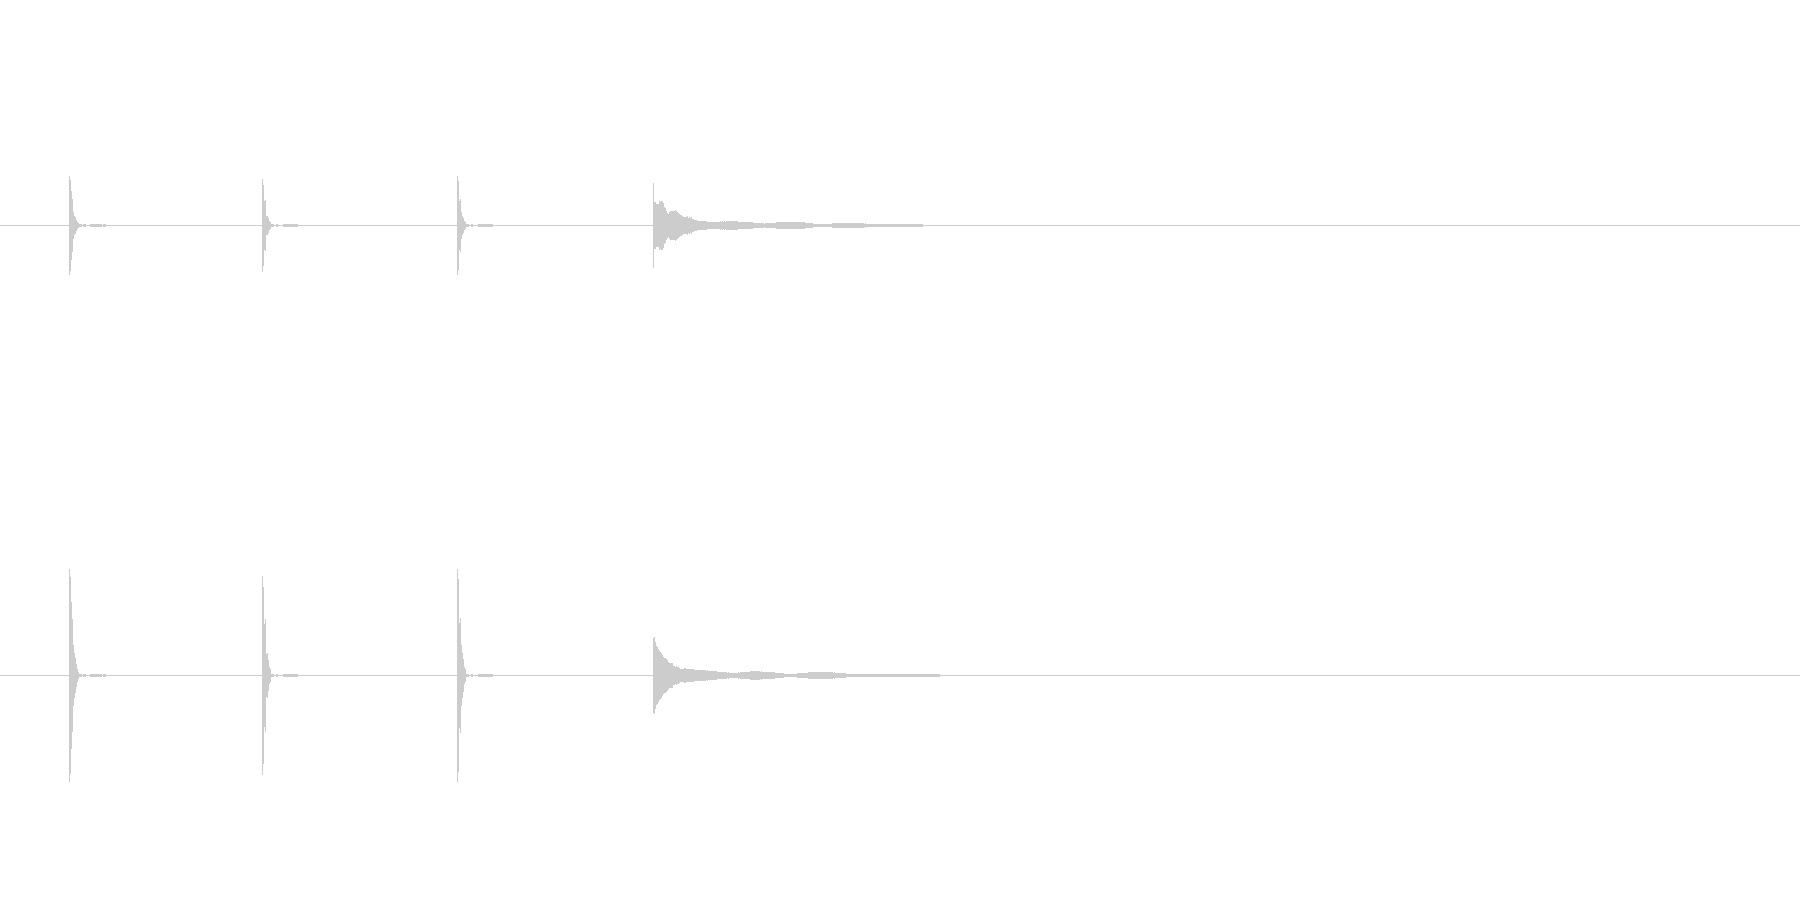 ポクポクポクチーン(テンポ遅め)の未再生の波形